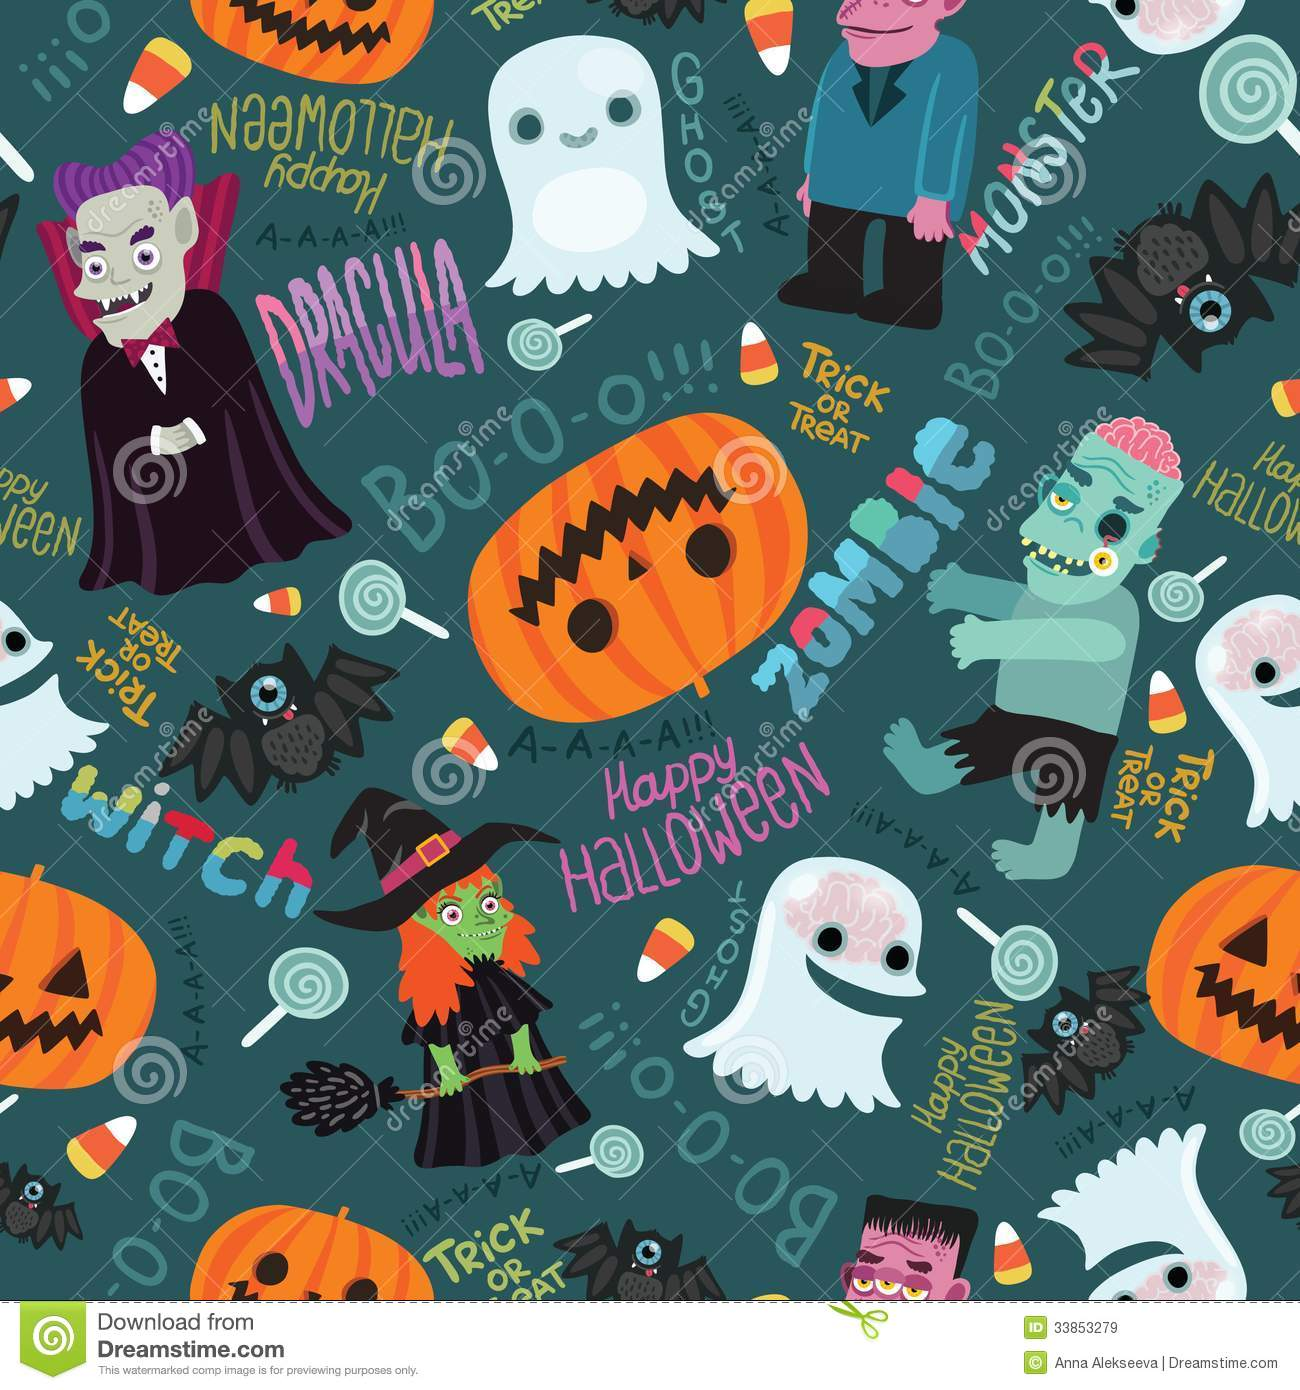 Cute Ghost Wallpaper - WallpaperSafari